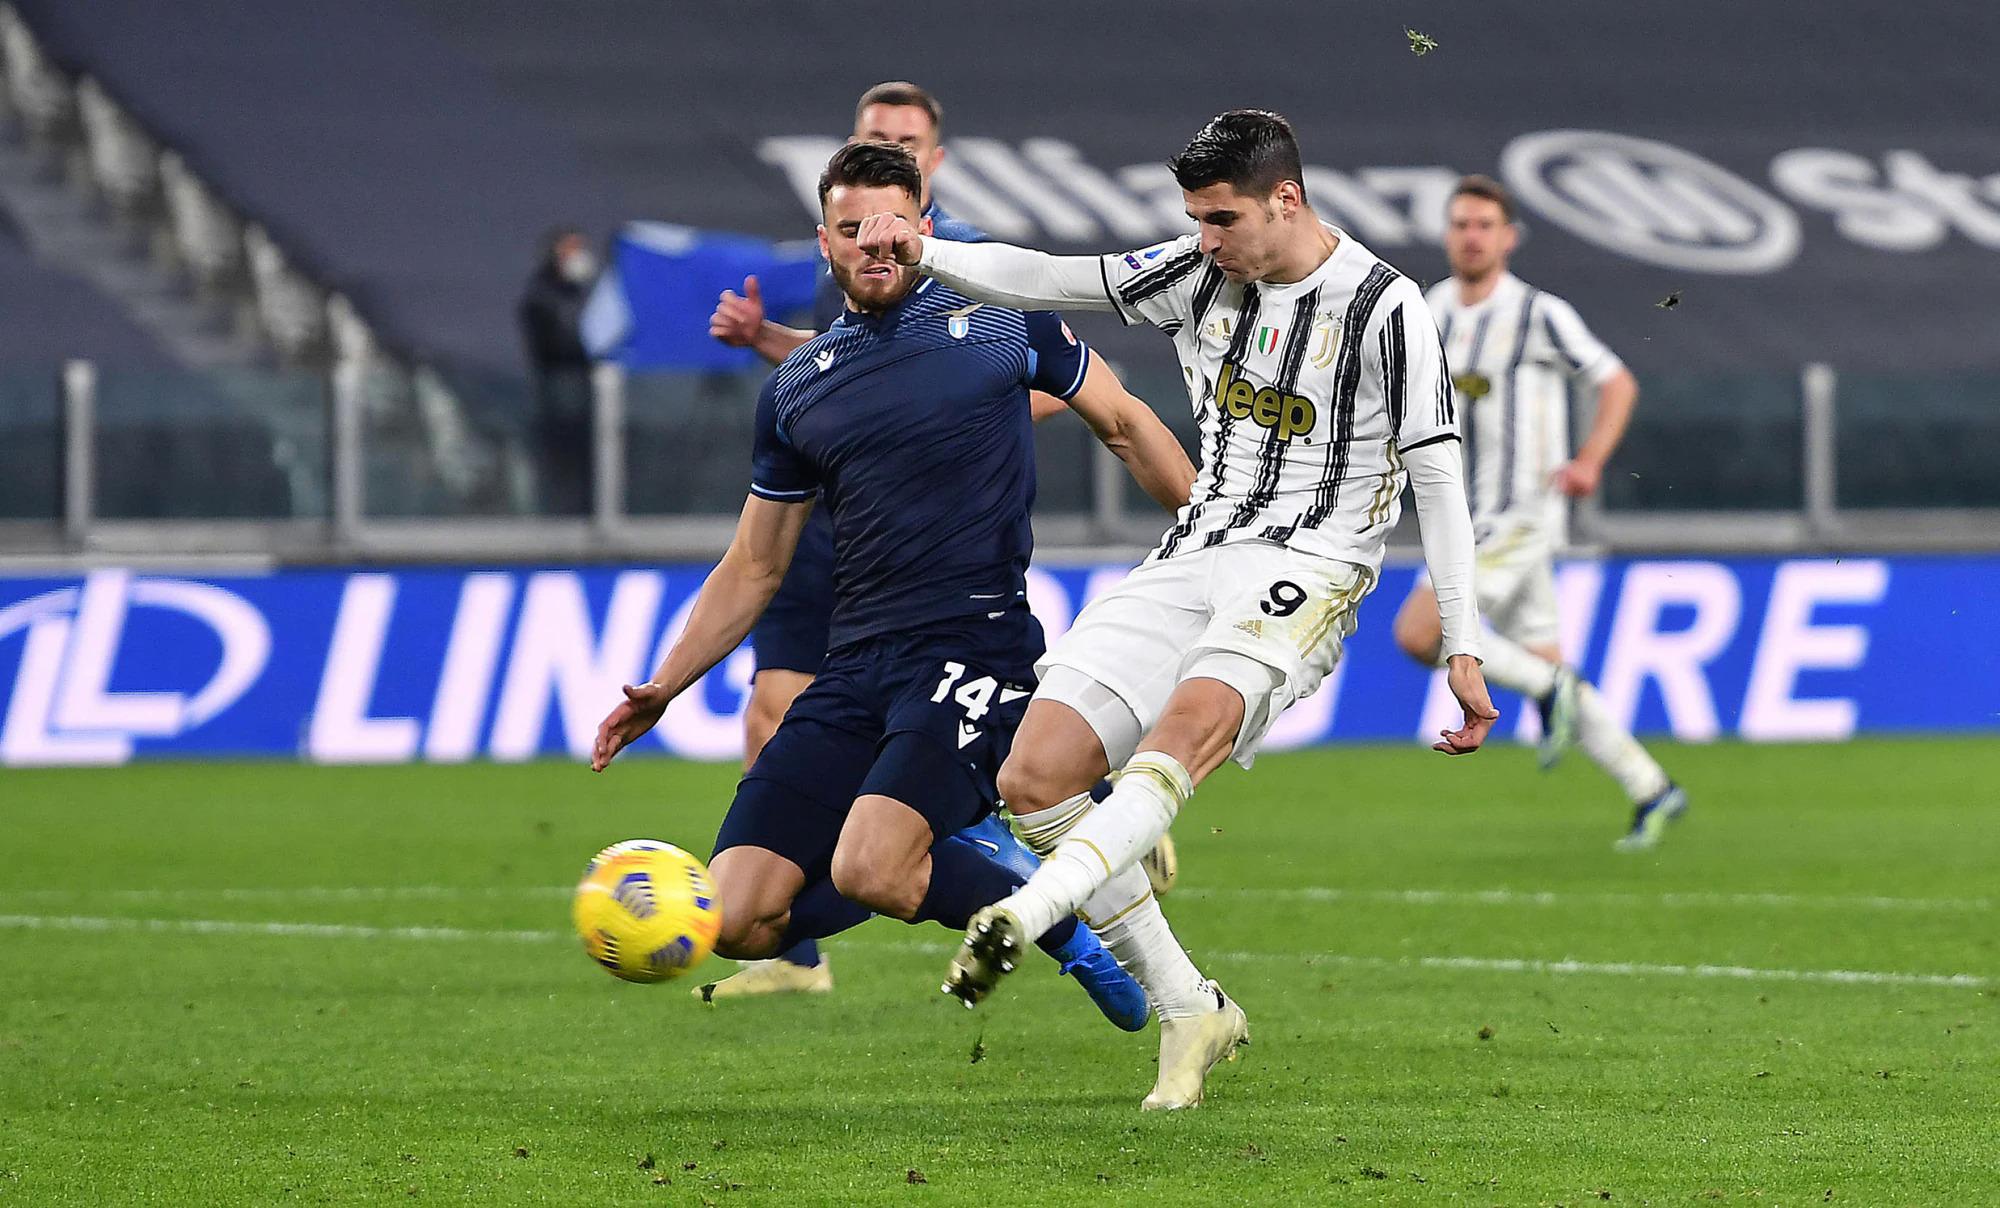 Morata chỉ ba lần dứt điểm trong 70 phút hiện diện trên sân, nhưng hai trong số đó đi đúng hướng cầu môn và mang lại hai bàn thắng quan trọng cho Juventus. Ảnh: ANSA